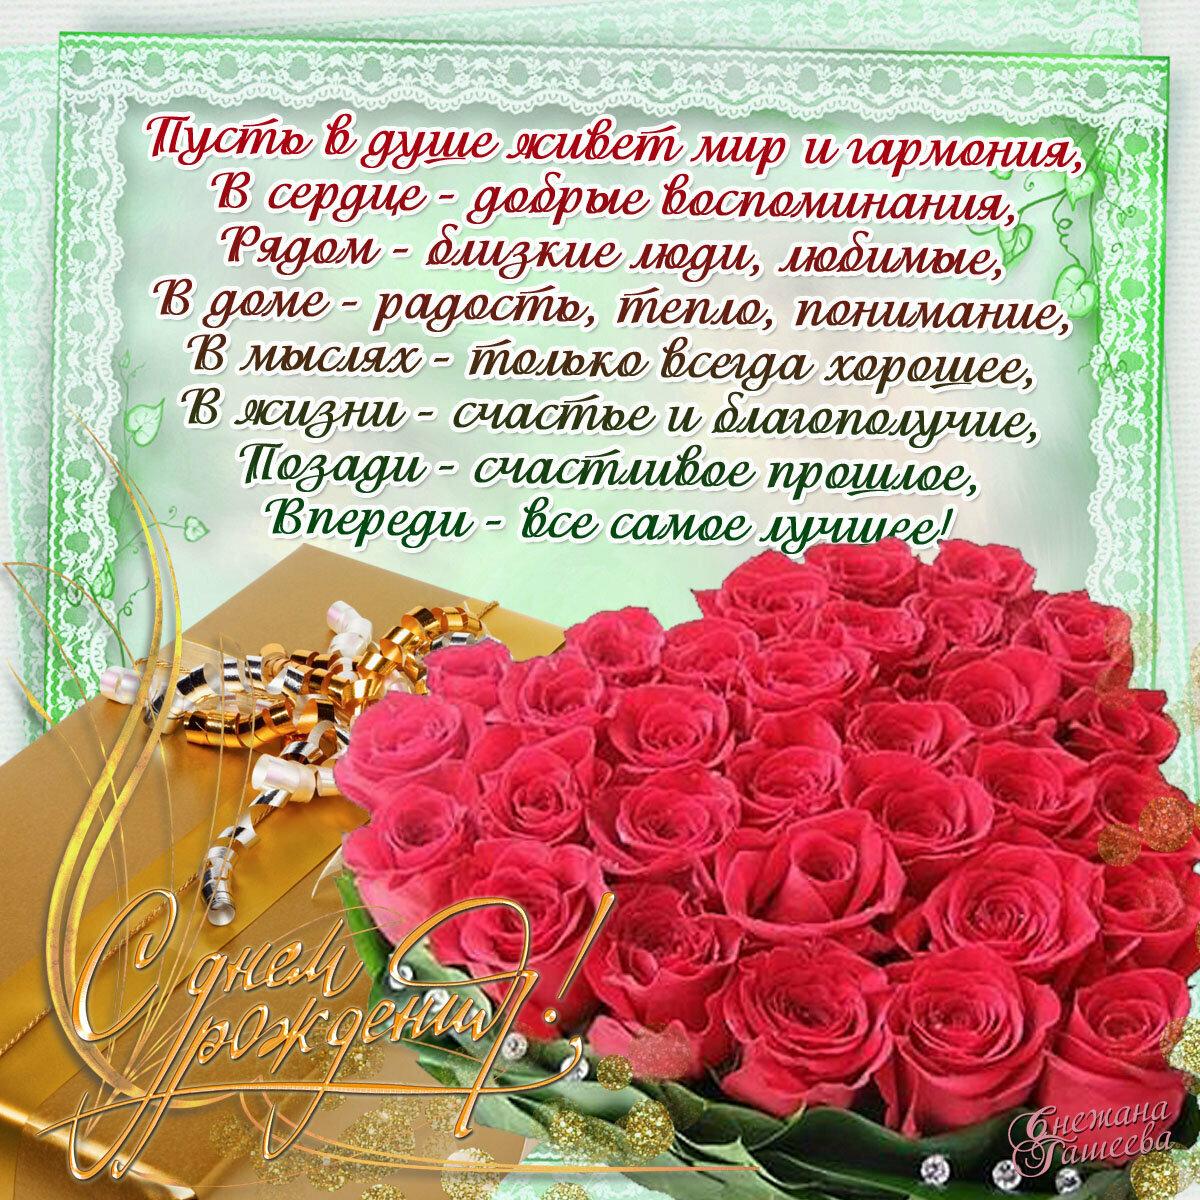 Поздравление с днем рождения на польском избраннице